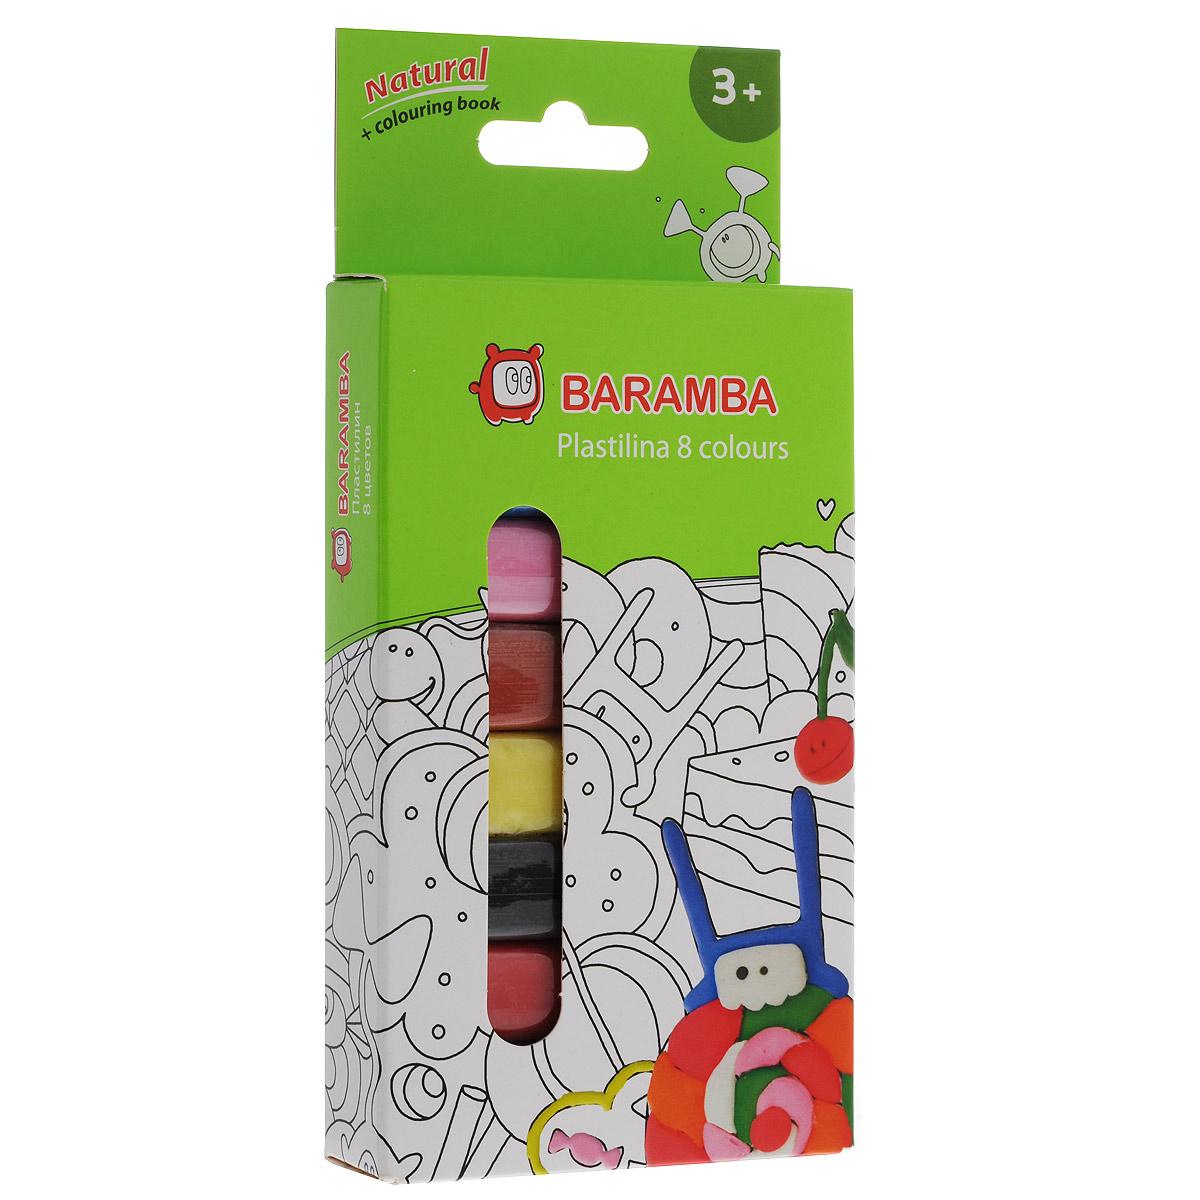 Пластилин на натуральной основе Baramba, 8 цветов, с раскраскойB30008Пластилин Baramba это отличная возможность познакомить ребенка с еще одним из видов изобразительного творчества, в котором создаются объемные образы и целые композиции. В набор входит пластилин 8 ярких цветов (белый, голубой, розовый, светло-коричневый, желтый, черный, красный, зеленый) и раскраска. Цвета пластилина легко смешиваются между собой, и таким образом можно получить новые оттенки. Пластилин на растительной основе имеет яркие, красочные цвета и не липнет к рукам, не сохнет. Техника лепки богата и разнообразна, но при этом доступна даже маленьким детям. Занятие лепкой не только увлекательно, но и полезно для ребенка. Оно способствует развитию творческого и пространственного мышления, восприятия формы, фактуры, цвета и веса, развивает воображение и мелкую моторику.